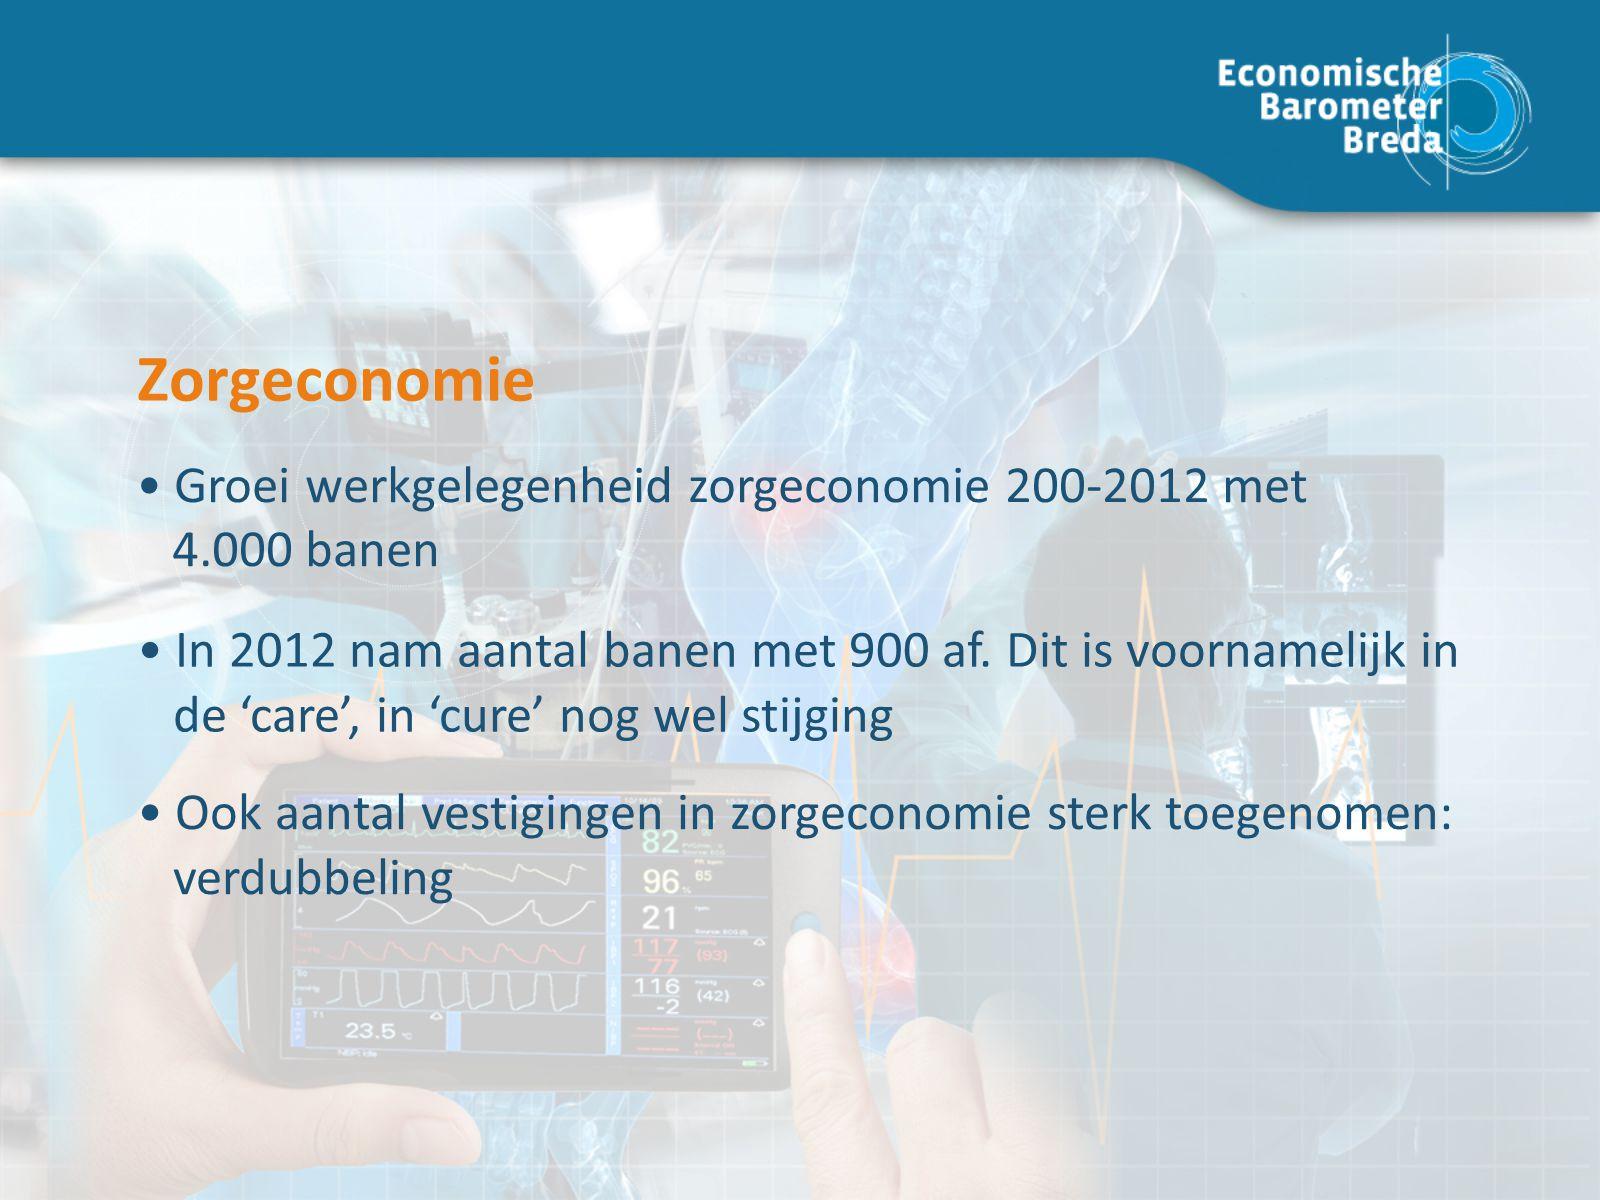 Zorgeconomie In 2012 nam aantal banen met 900 af.